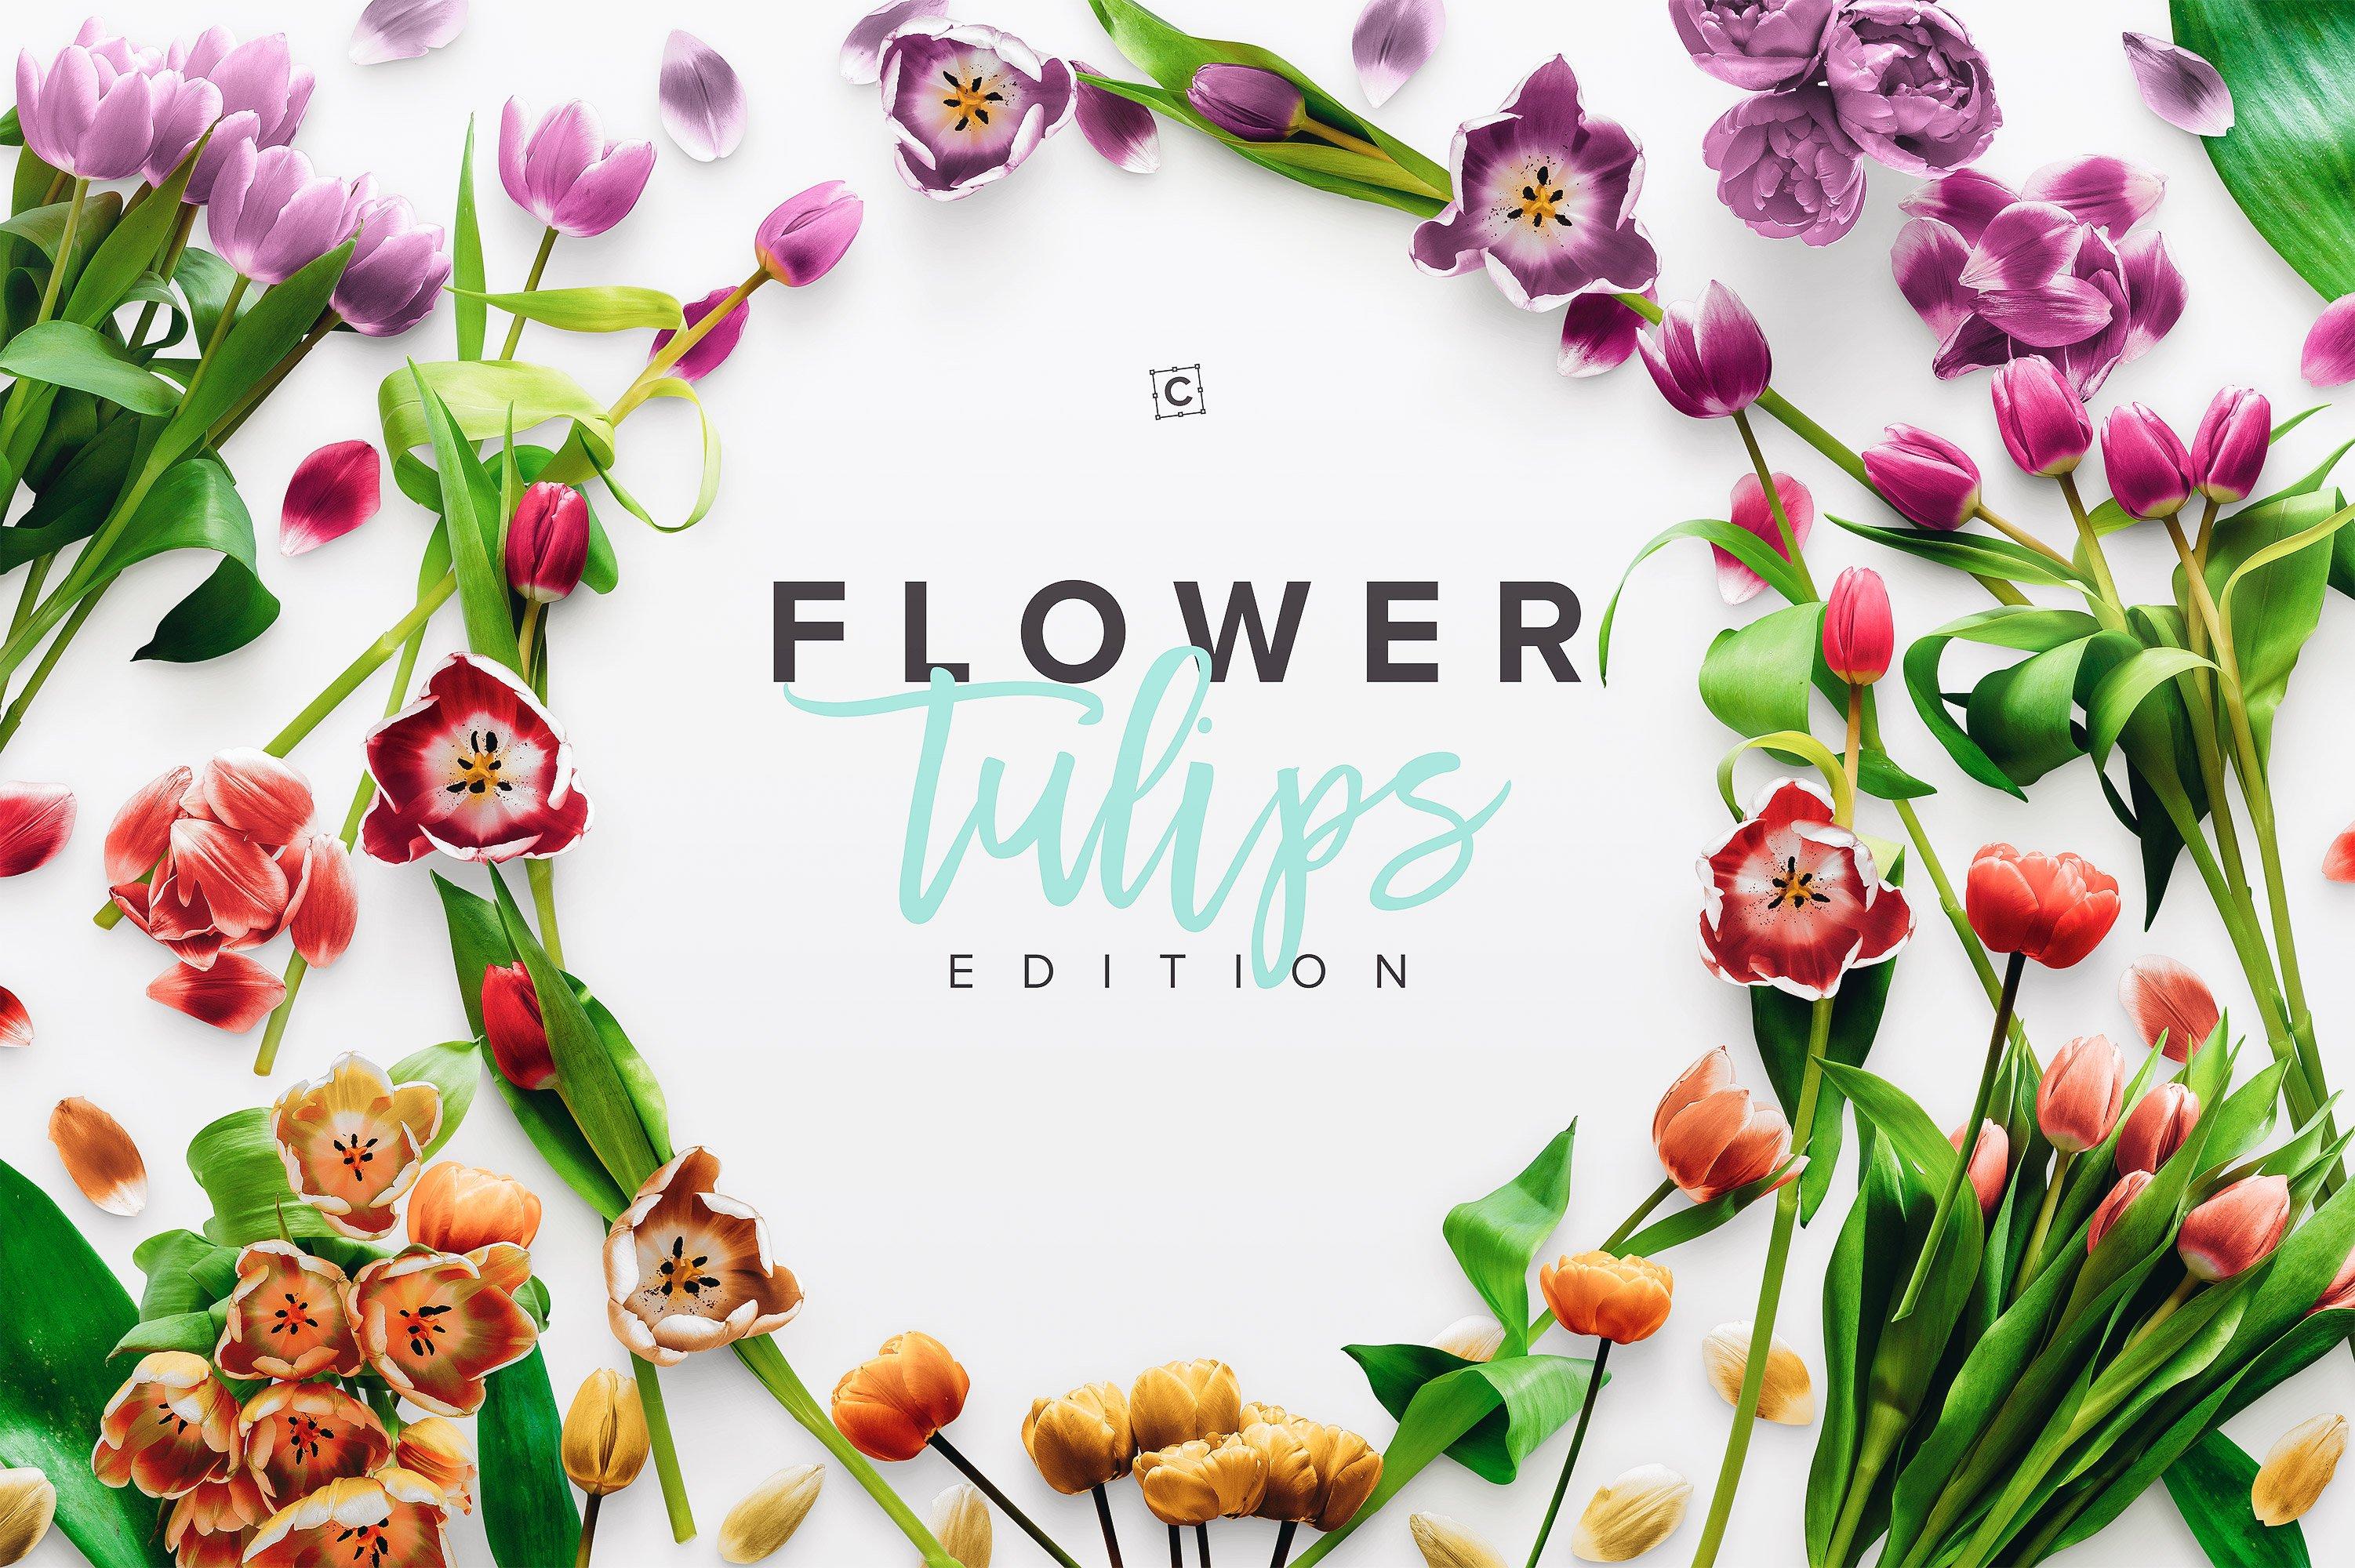 custom scene flower tulips edition cover